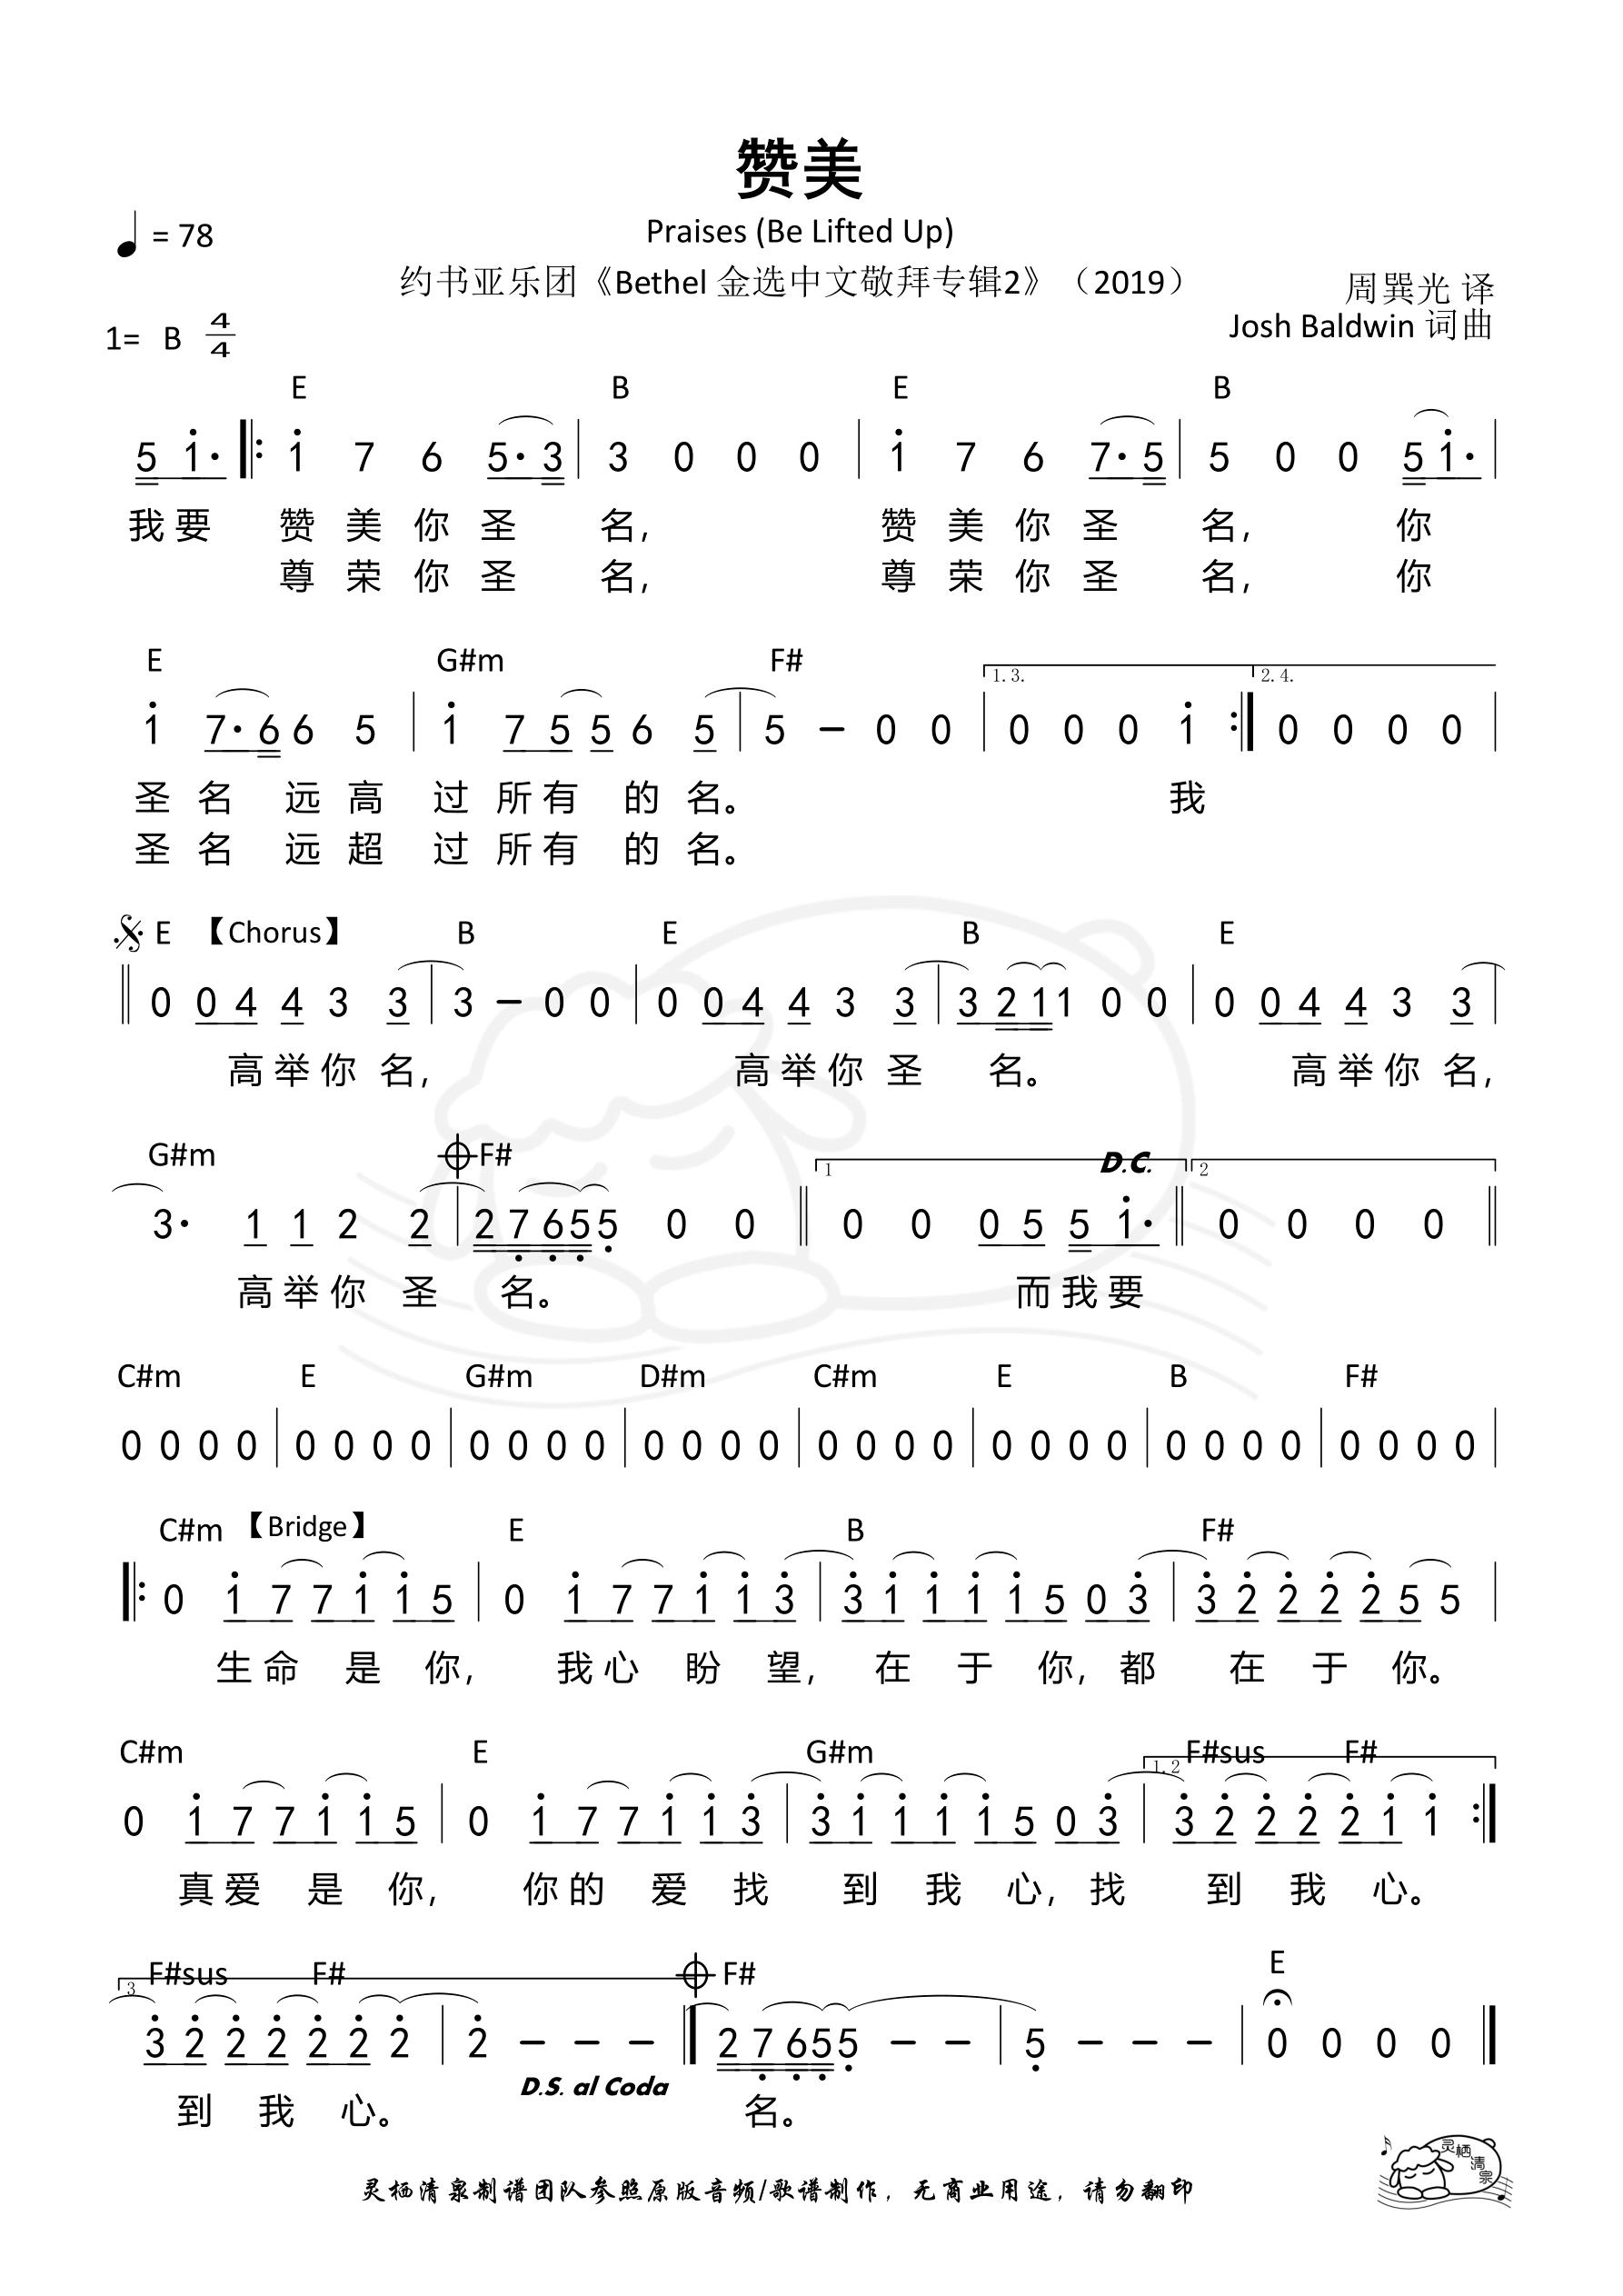 《第193首 - 赞美(Praises (Be Lifted Up)) 和弦简谱》